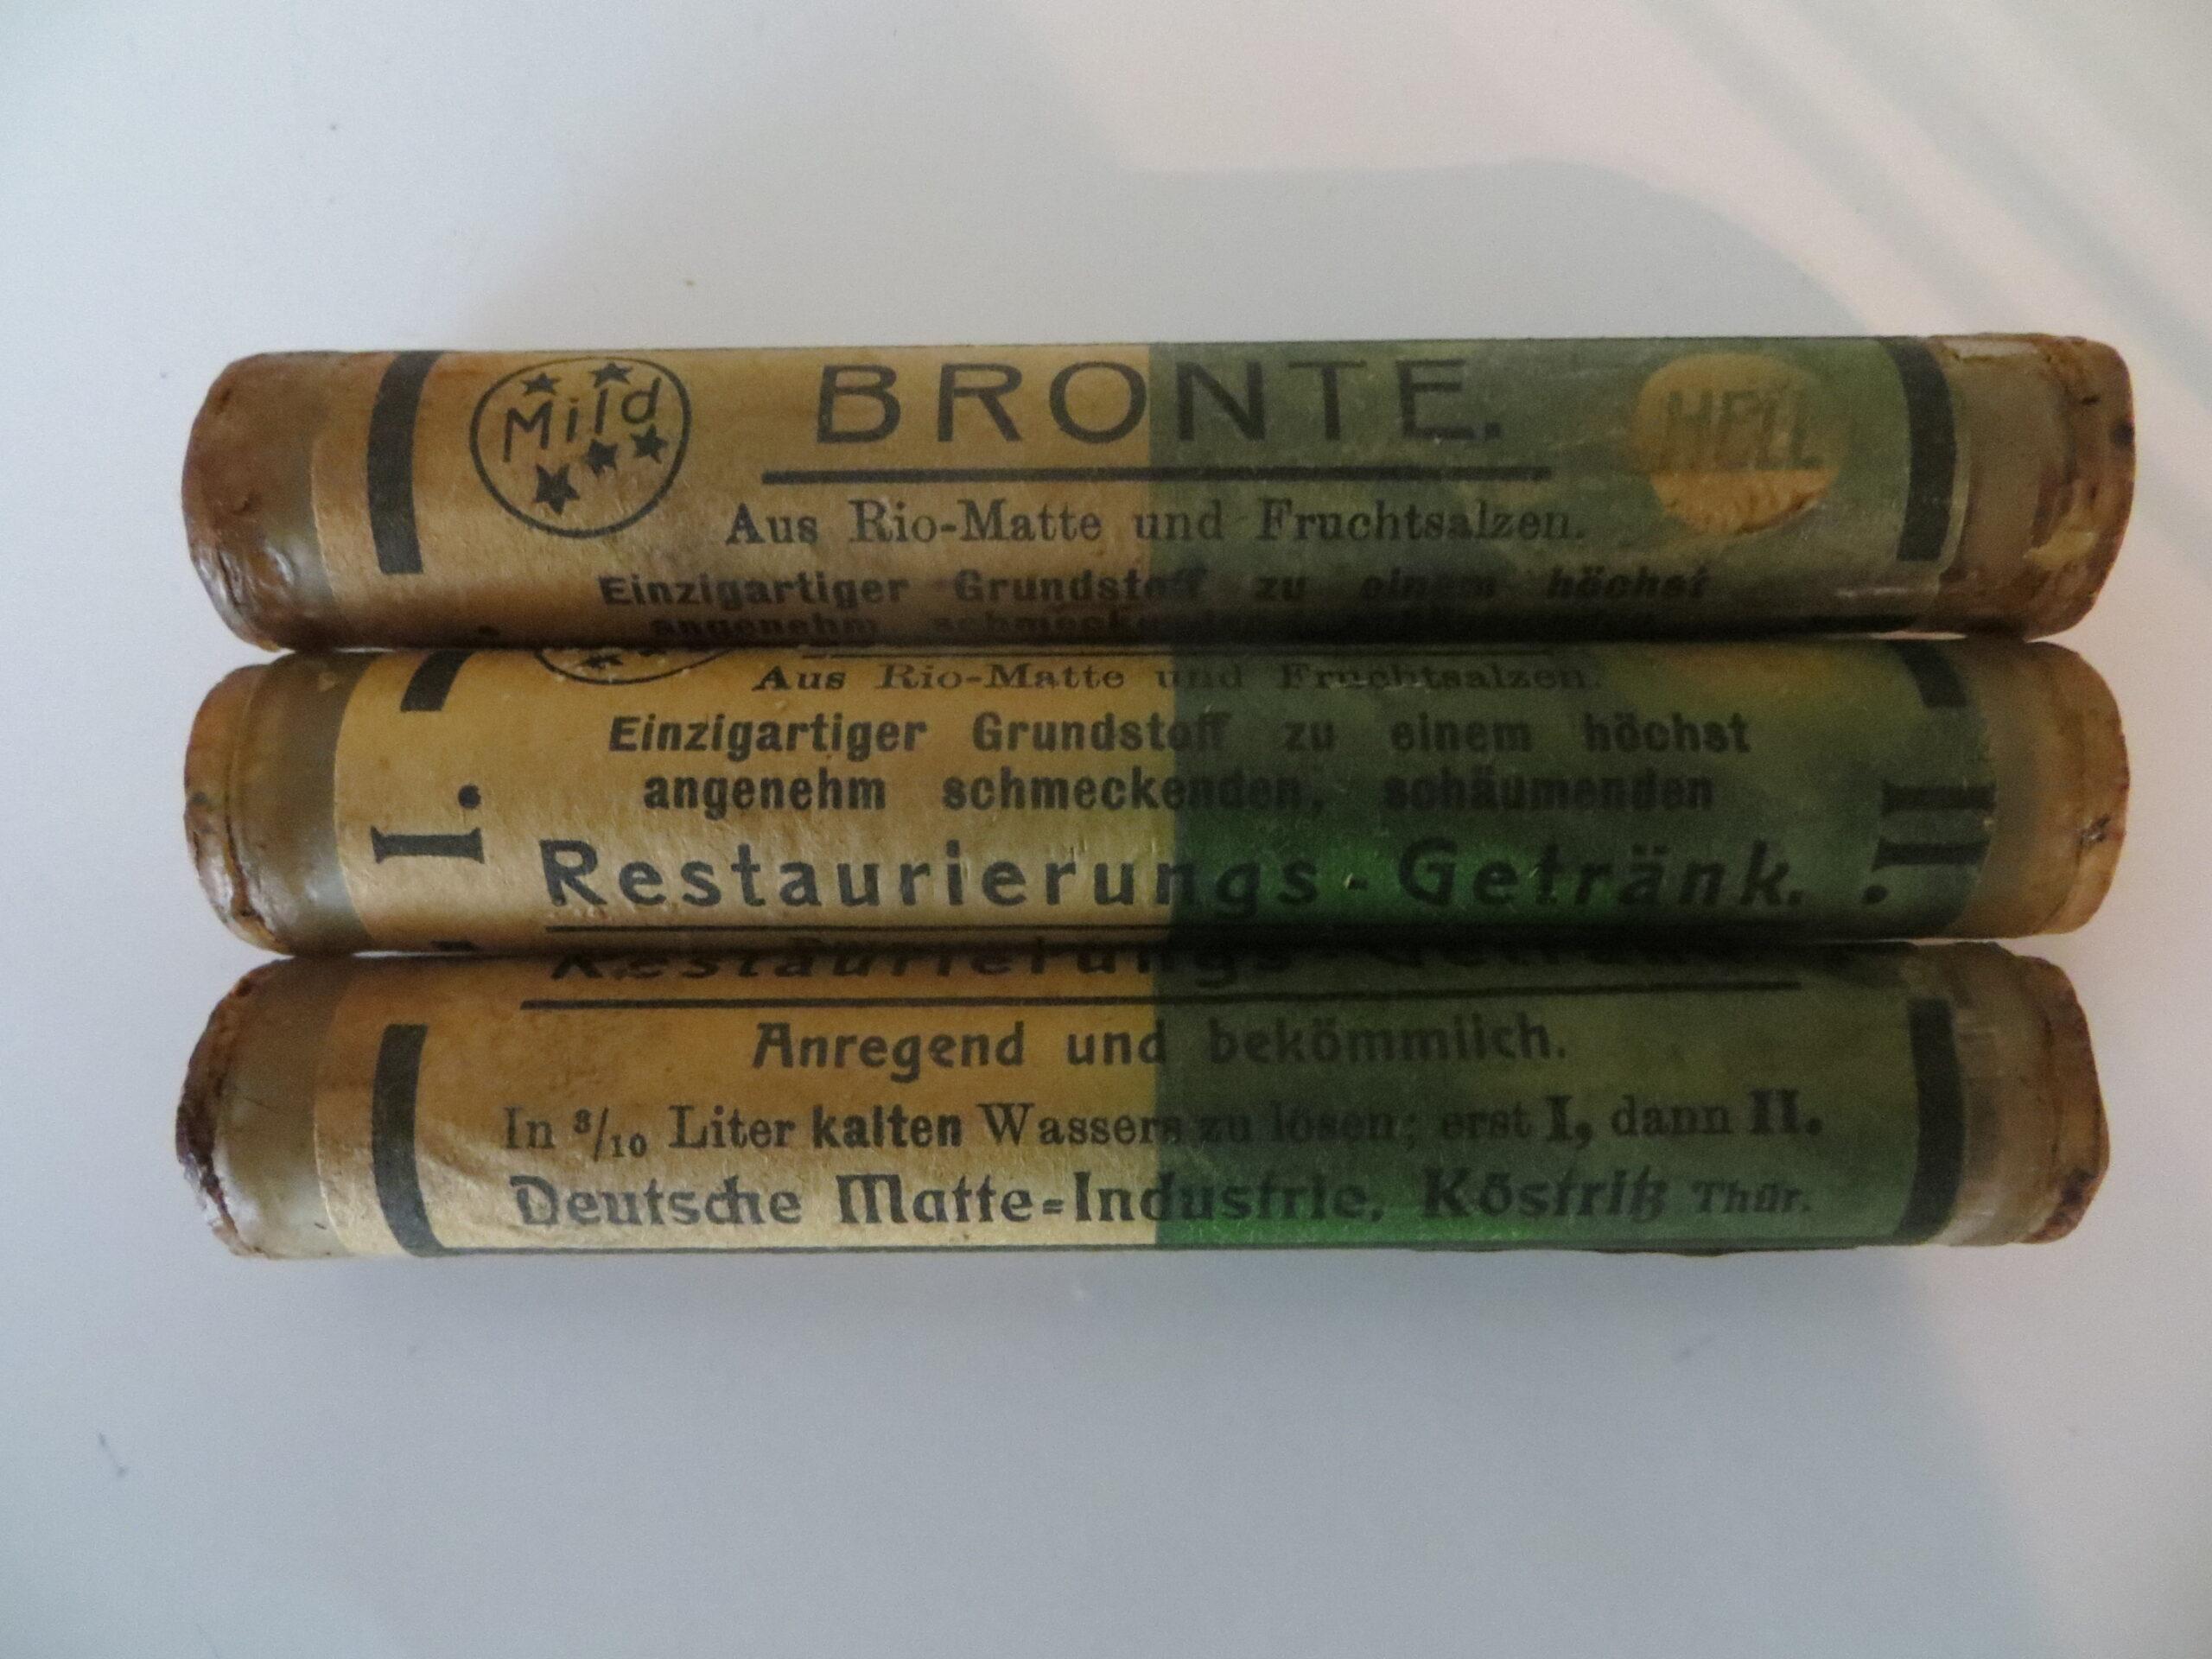 Grundstoff zur Bronte-Herstellung